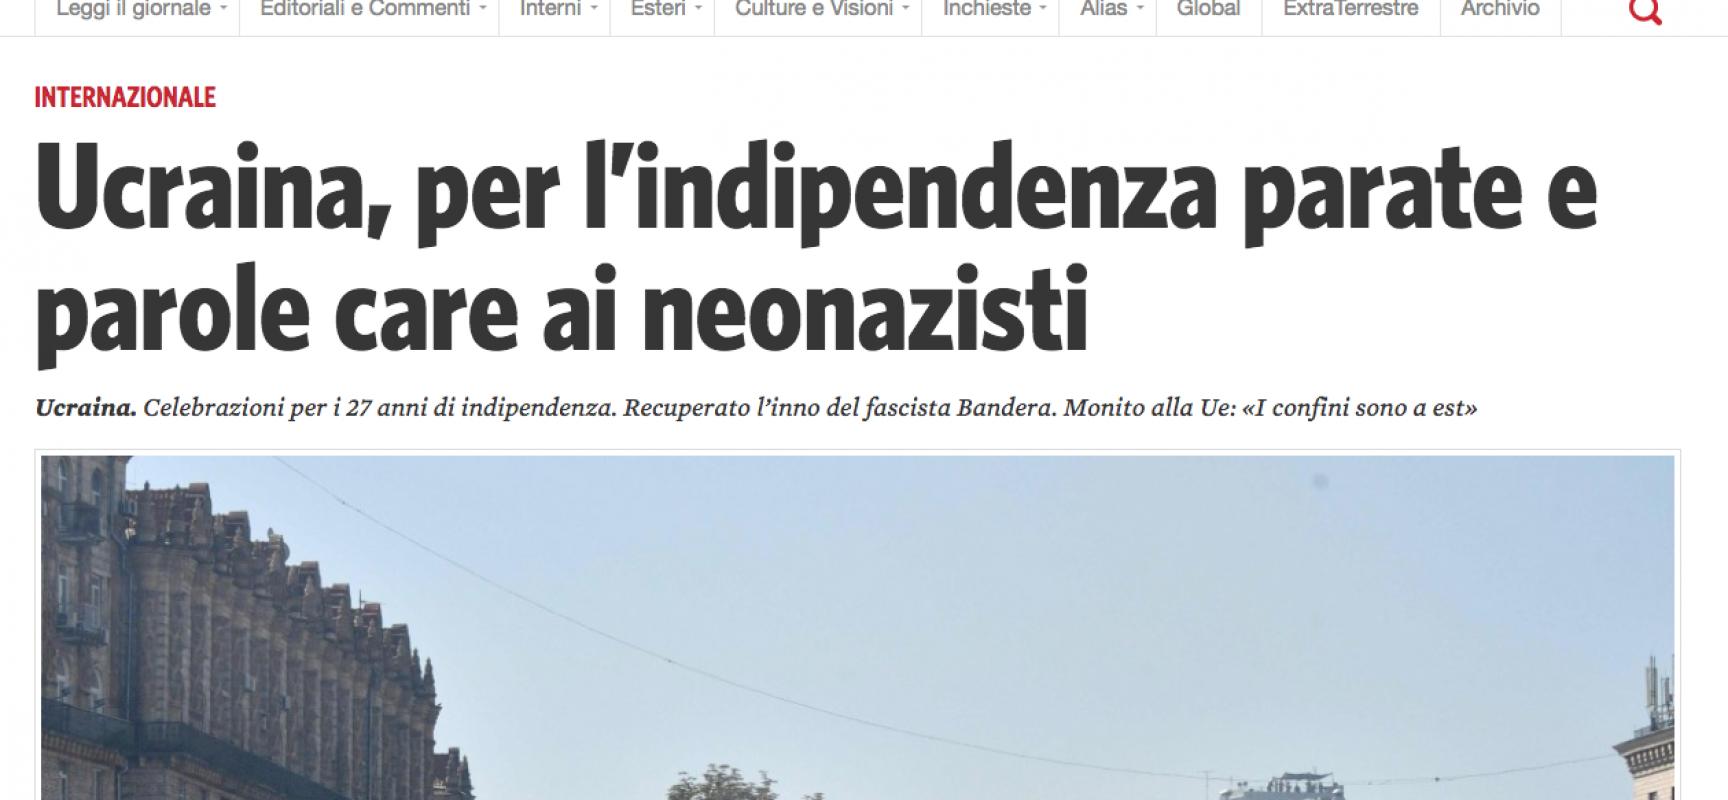 Fake : Manifesto, Slava Ucraina slogan nazista